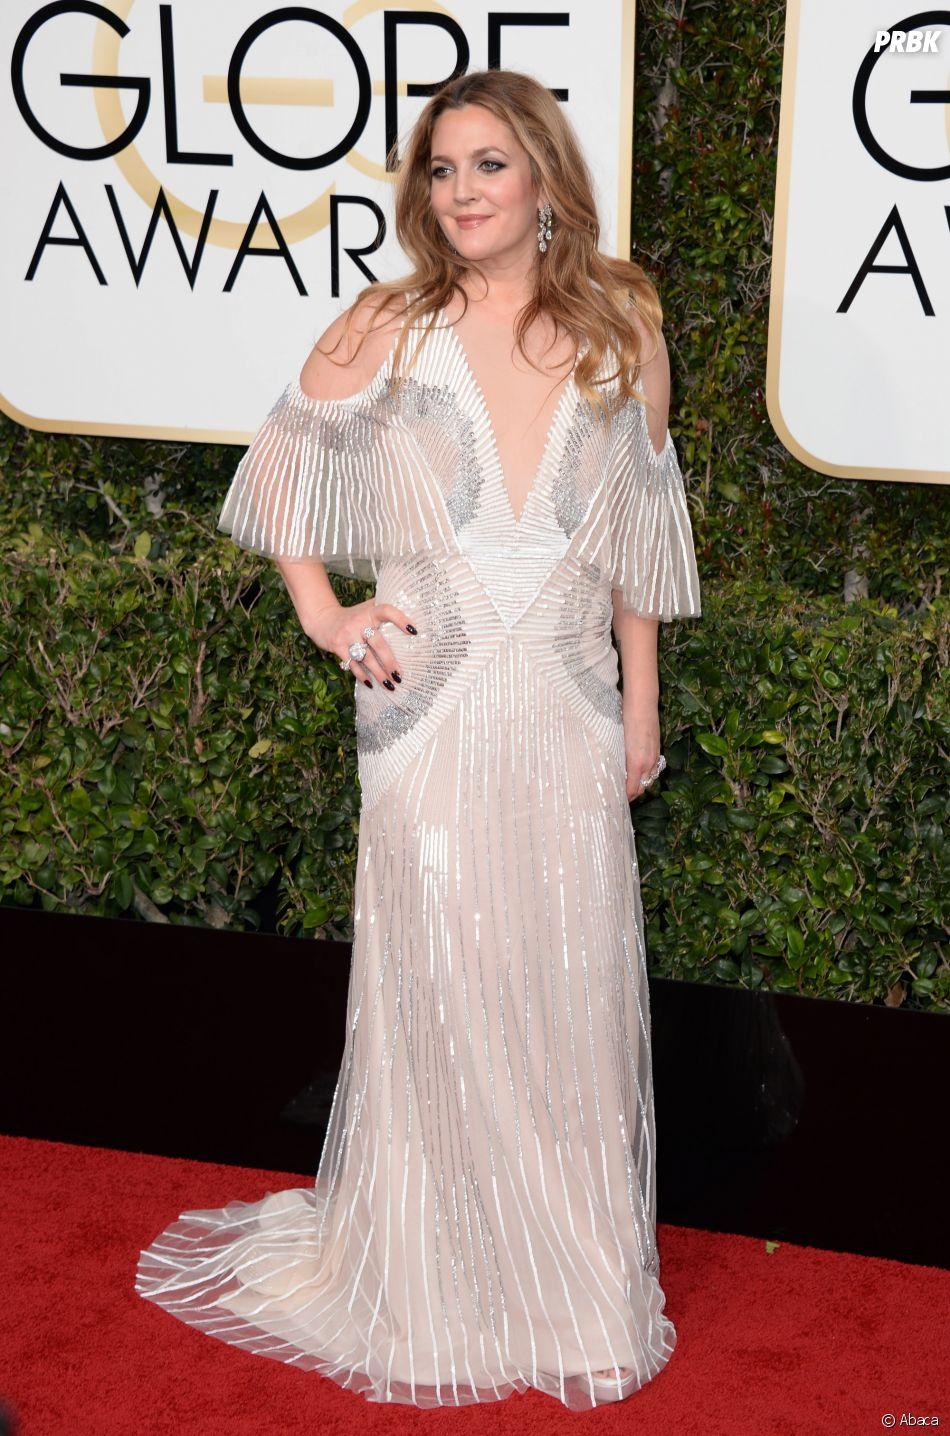 Drew Barrymore sur le tapis-rouge des Golden Globes 2017 le 8 janvier à Los Angeles